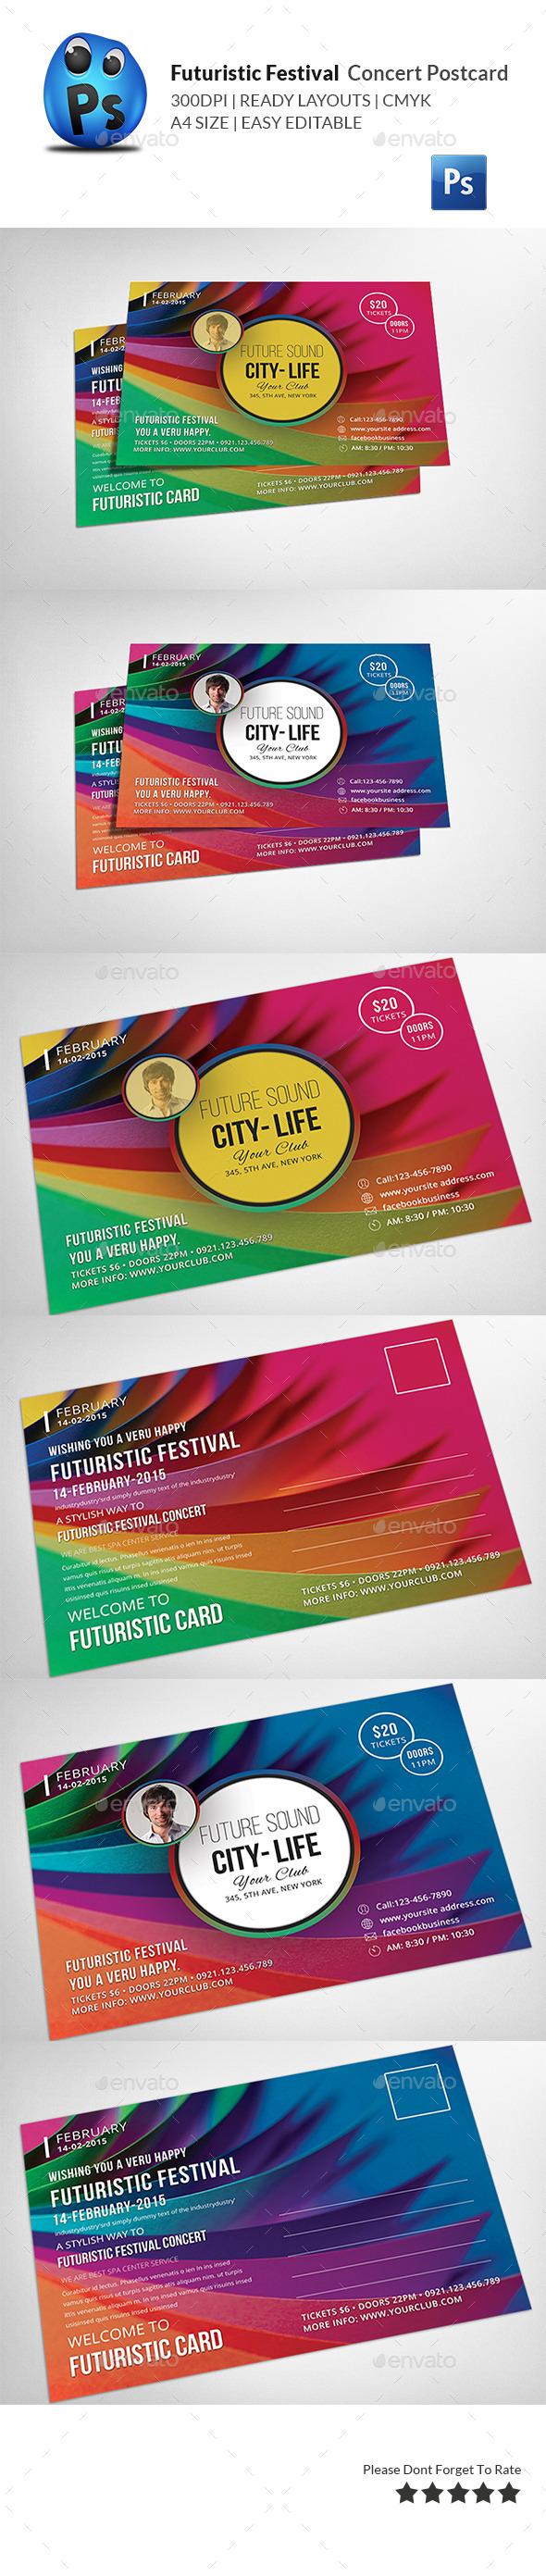 GraphicRiver Futuristic Festival Concert Postcard 11304604